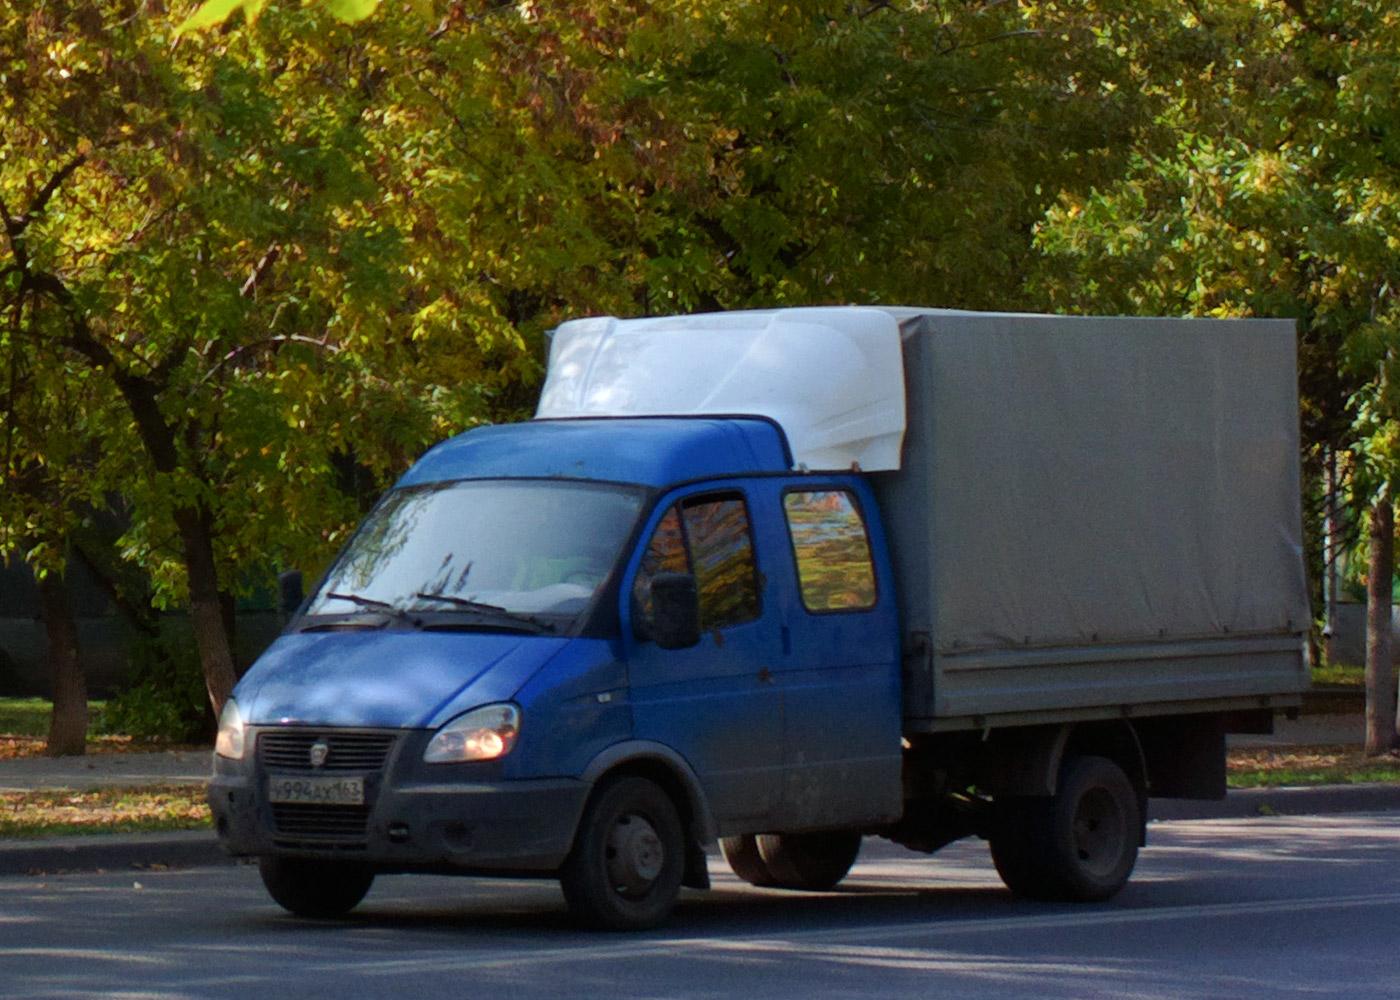 Бортовой грузовой автомобиль ГАЗ-33023-288 «Фермер» (2000) #У994АХ163. г.Самара, ул. Мориса Тореза